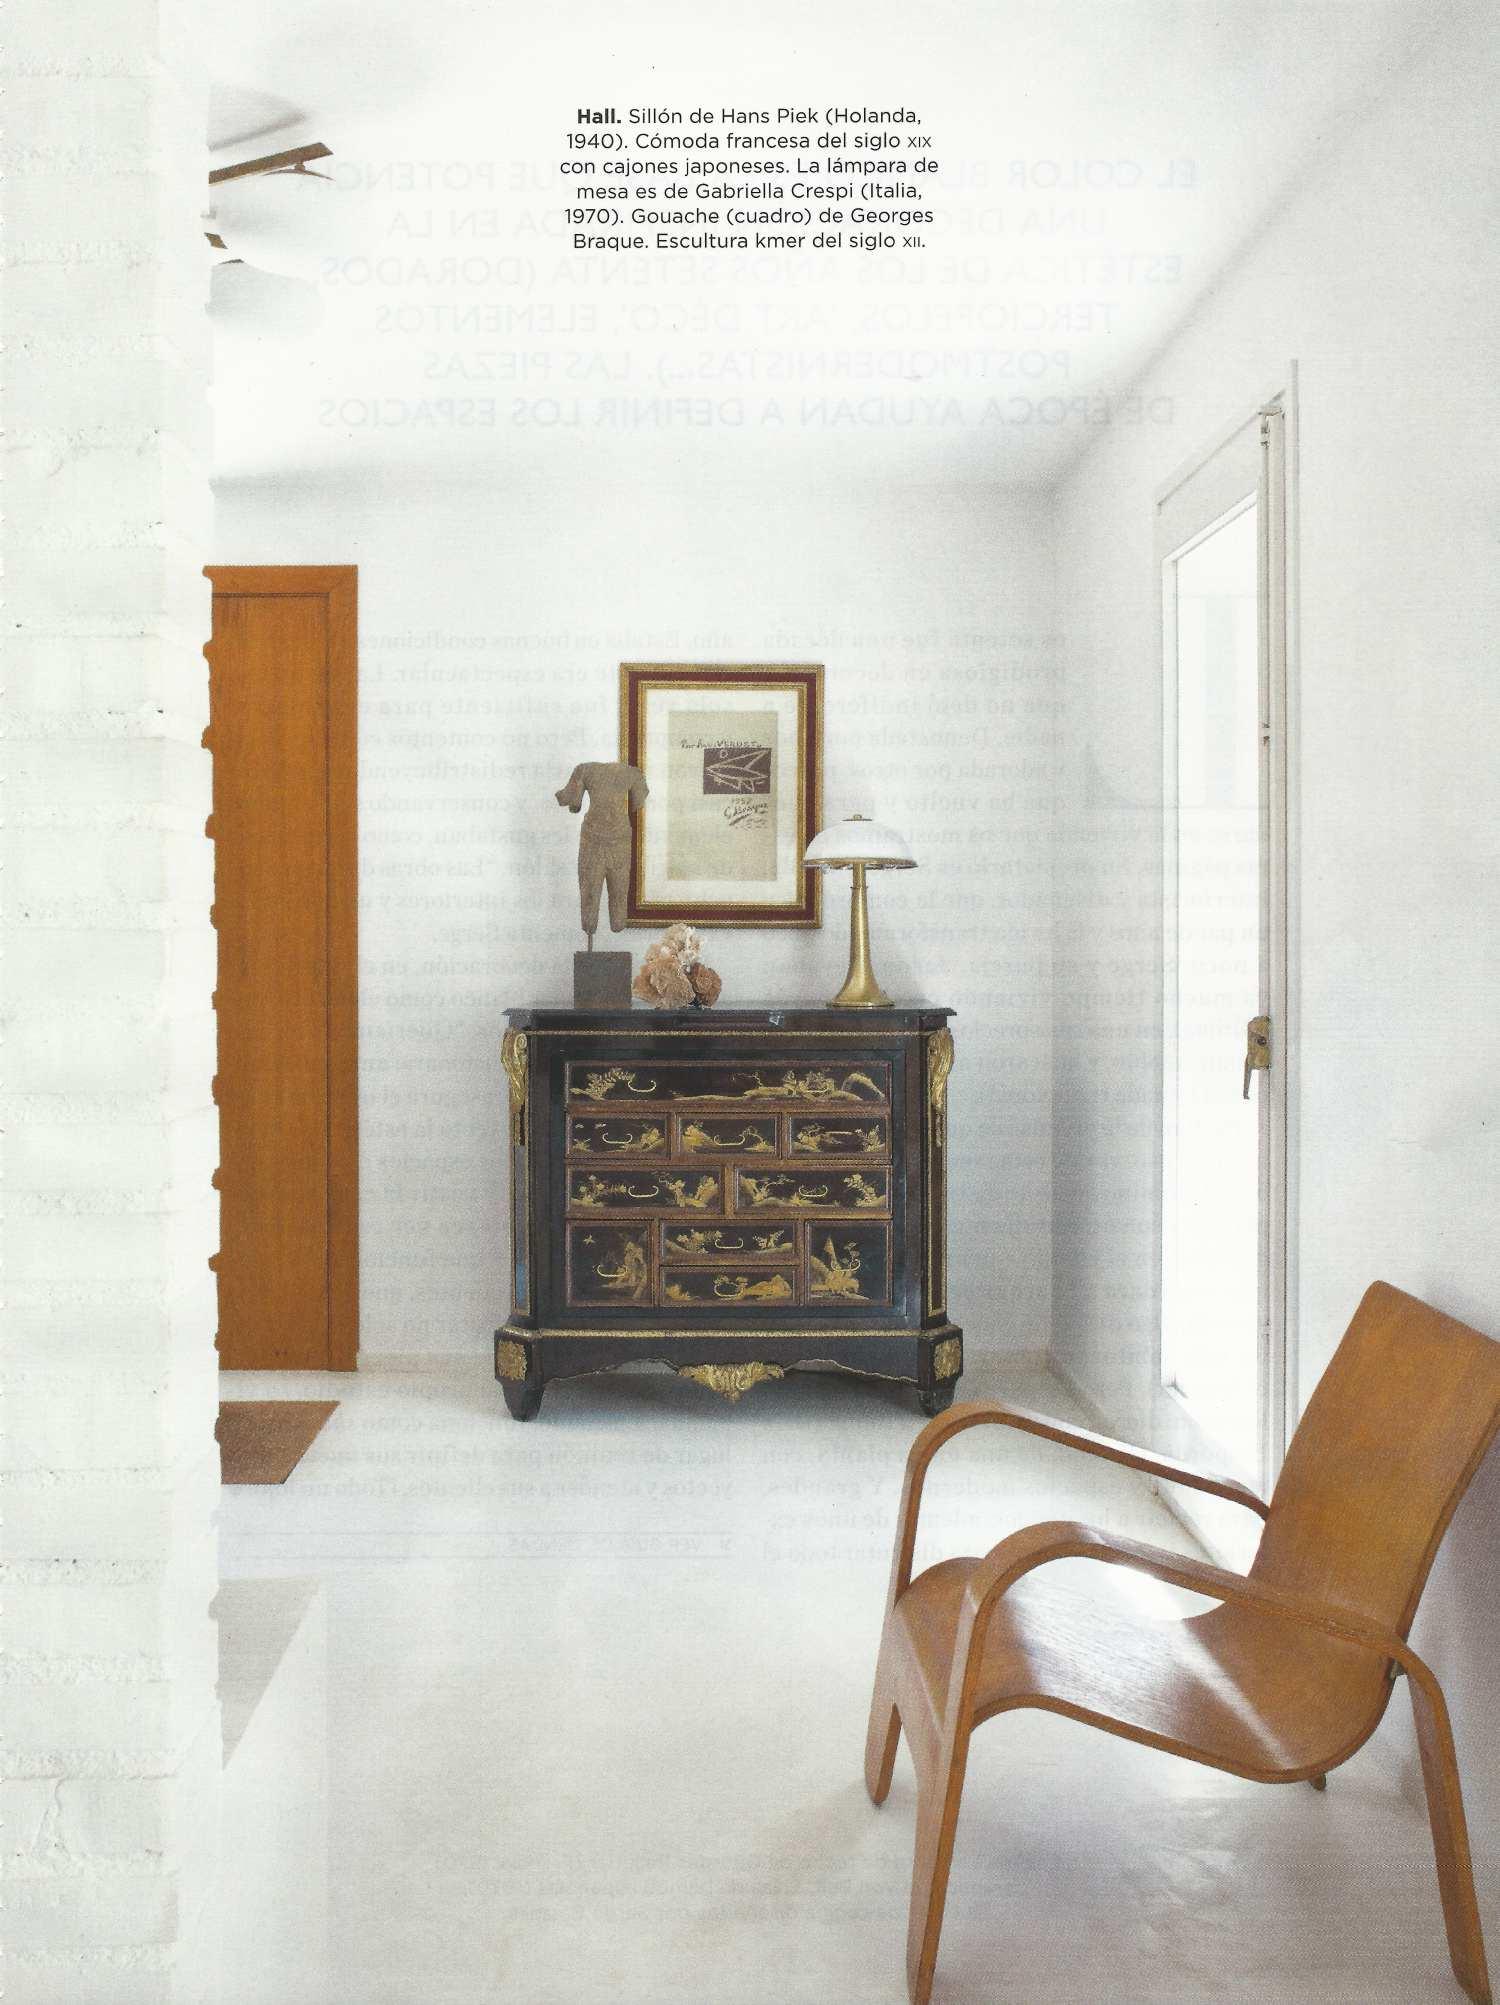 4 Interiores sep17